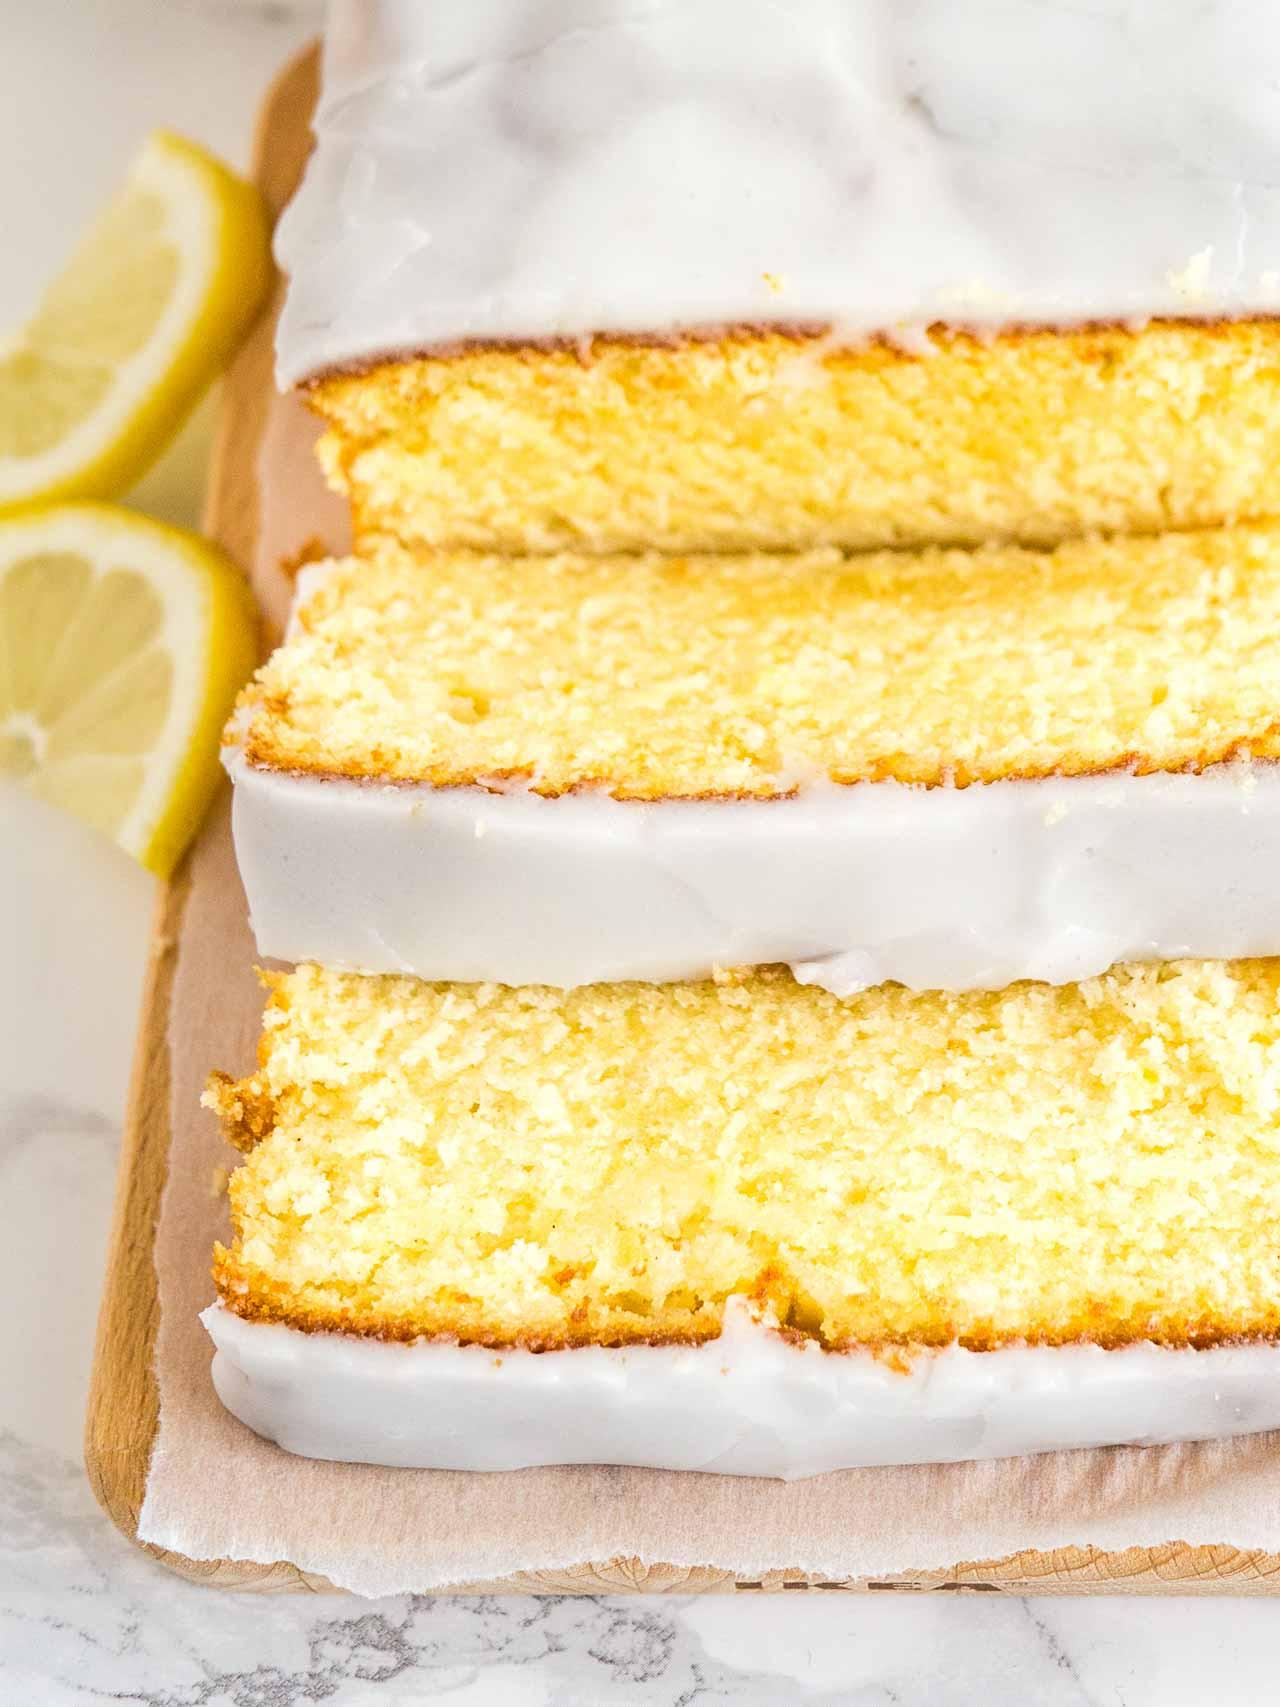 Lemon Cake Recipes From Scratch  Moist Lemon Cake Recipe Homemade Starbucks Lemon Loaf